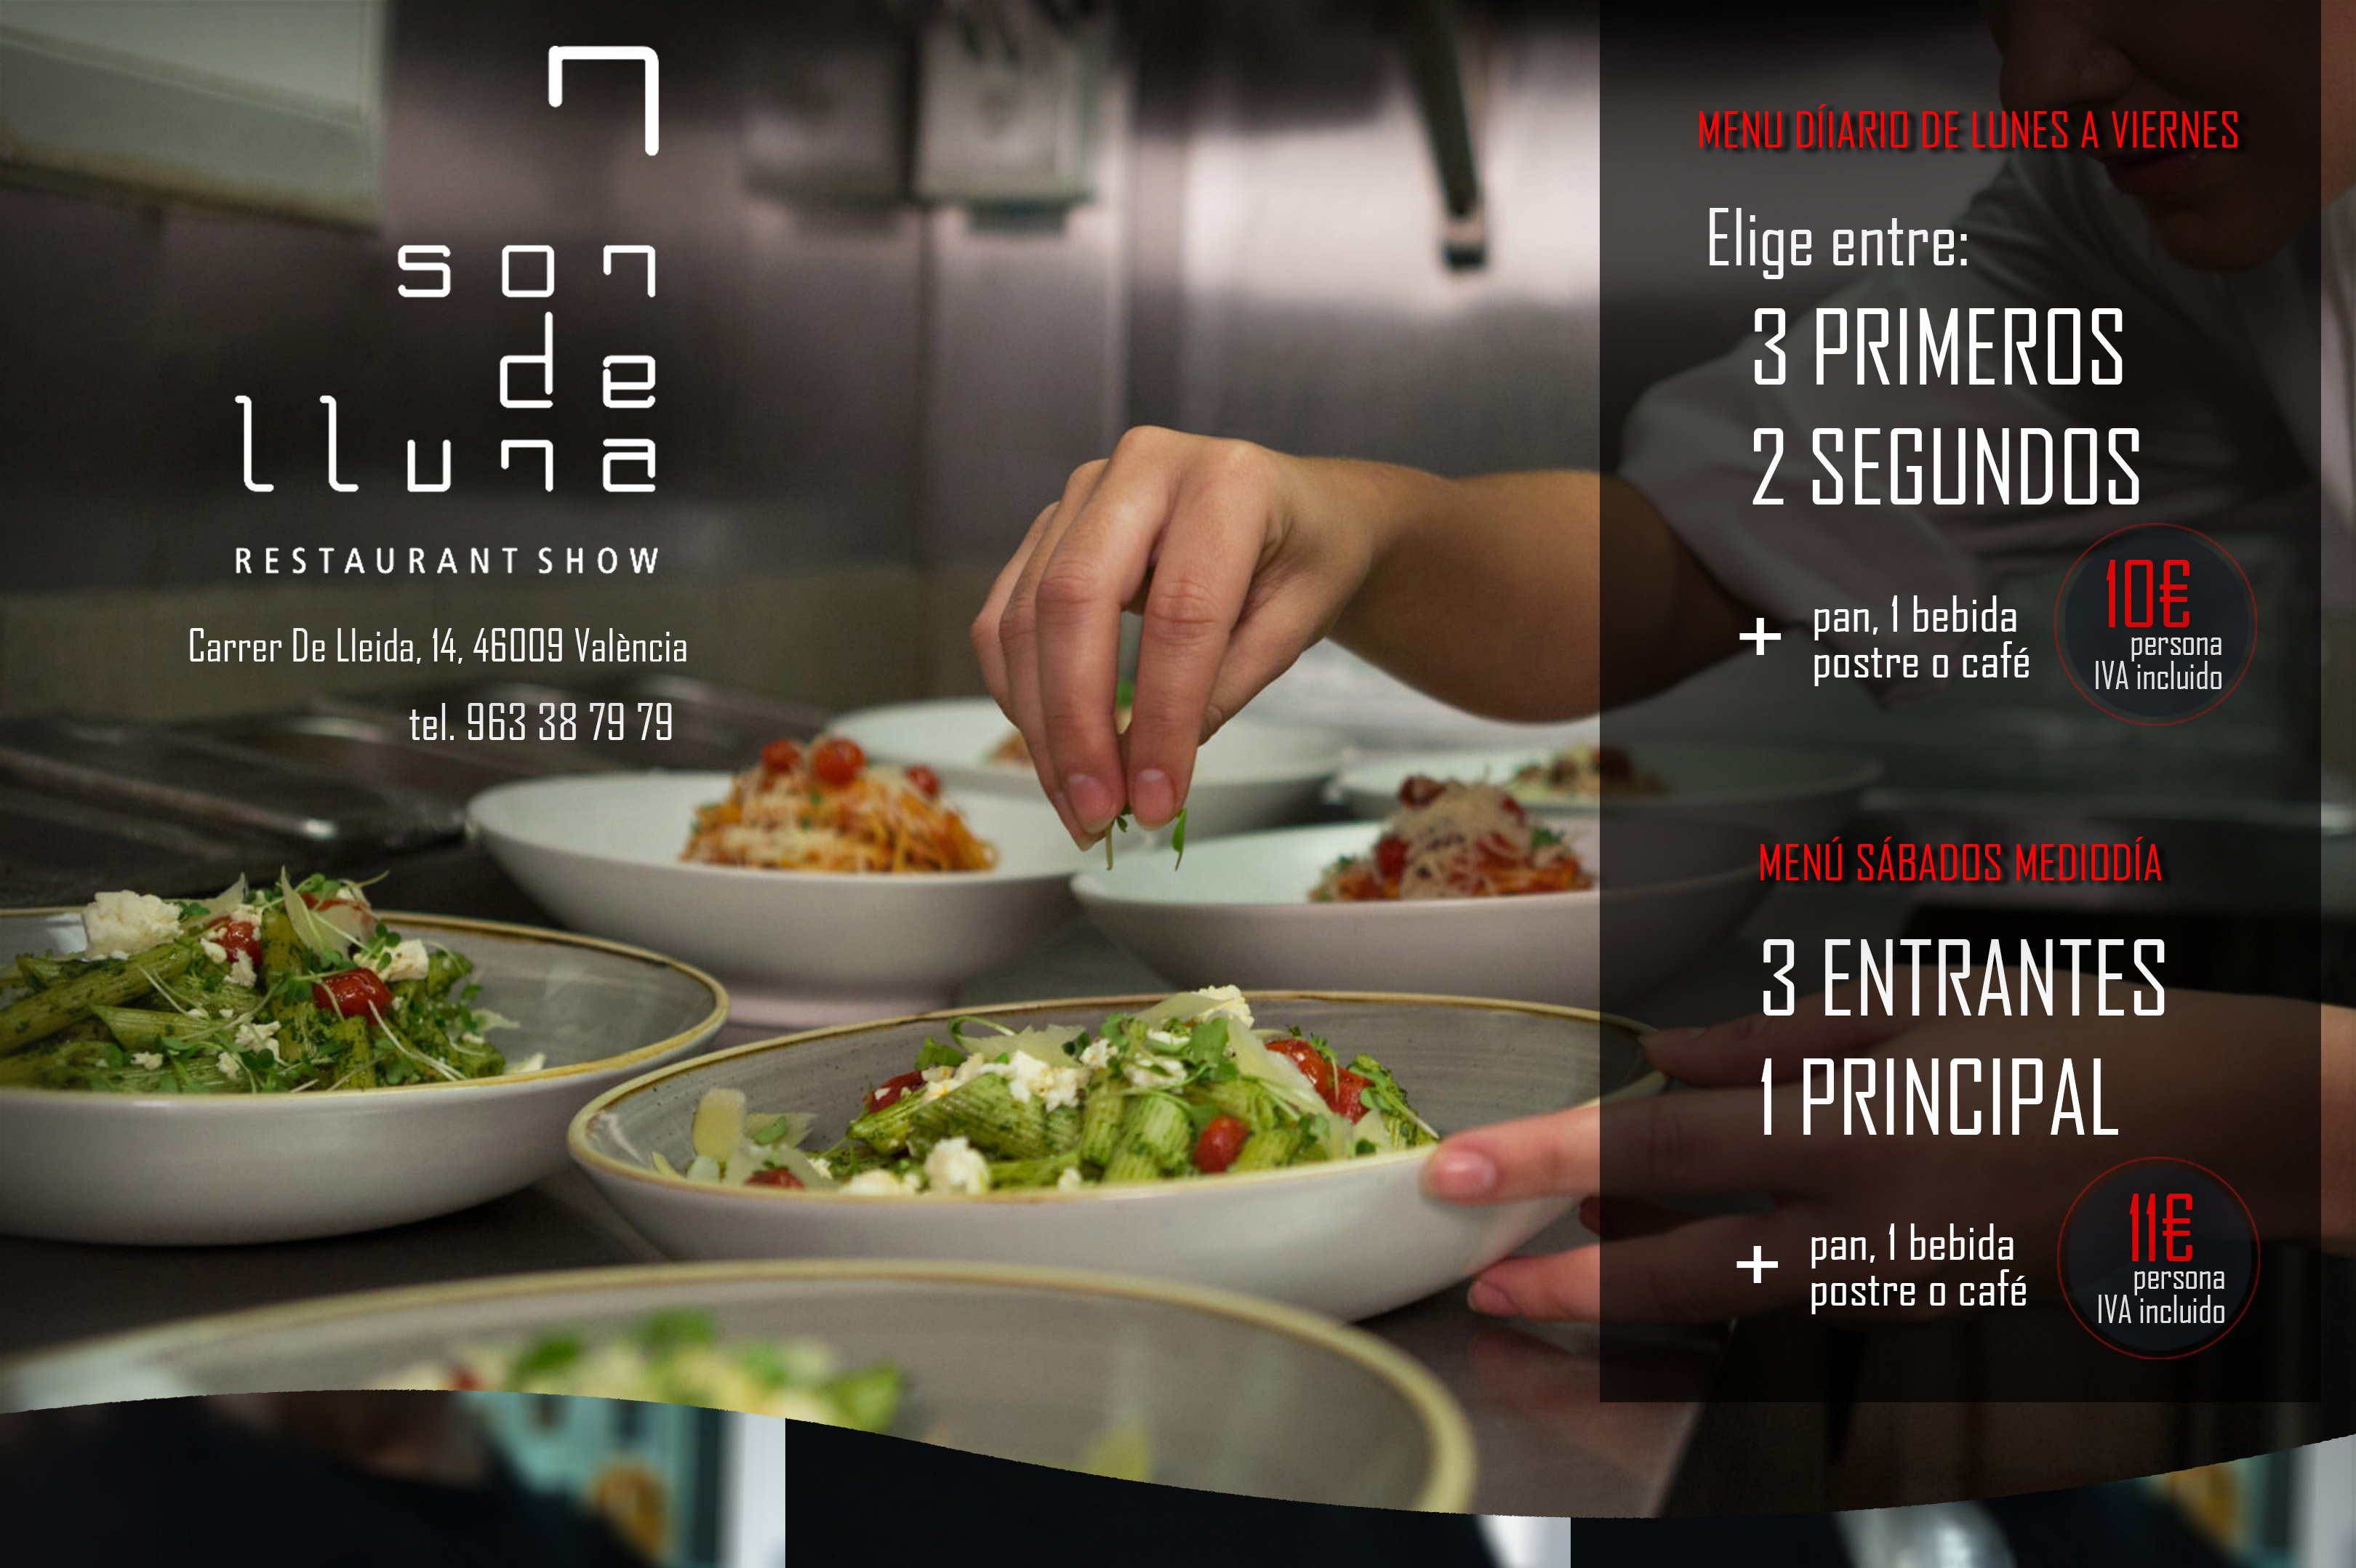 menu-diario-sondelluna